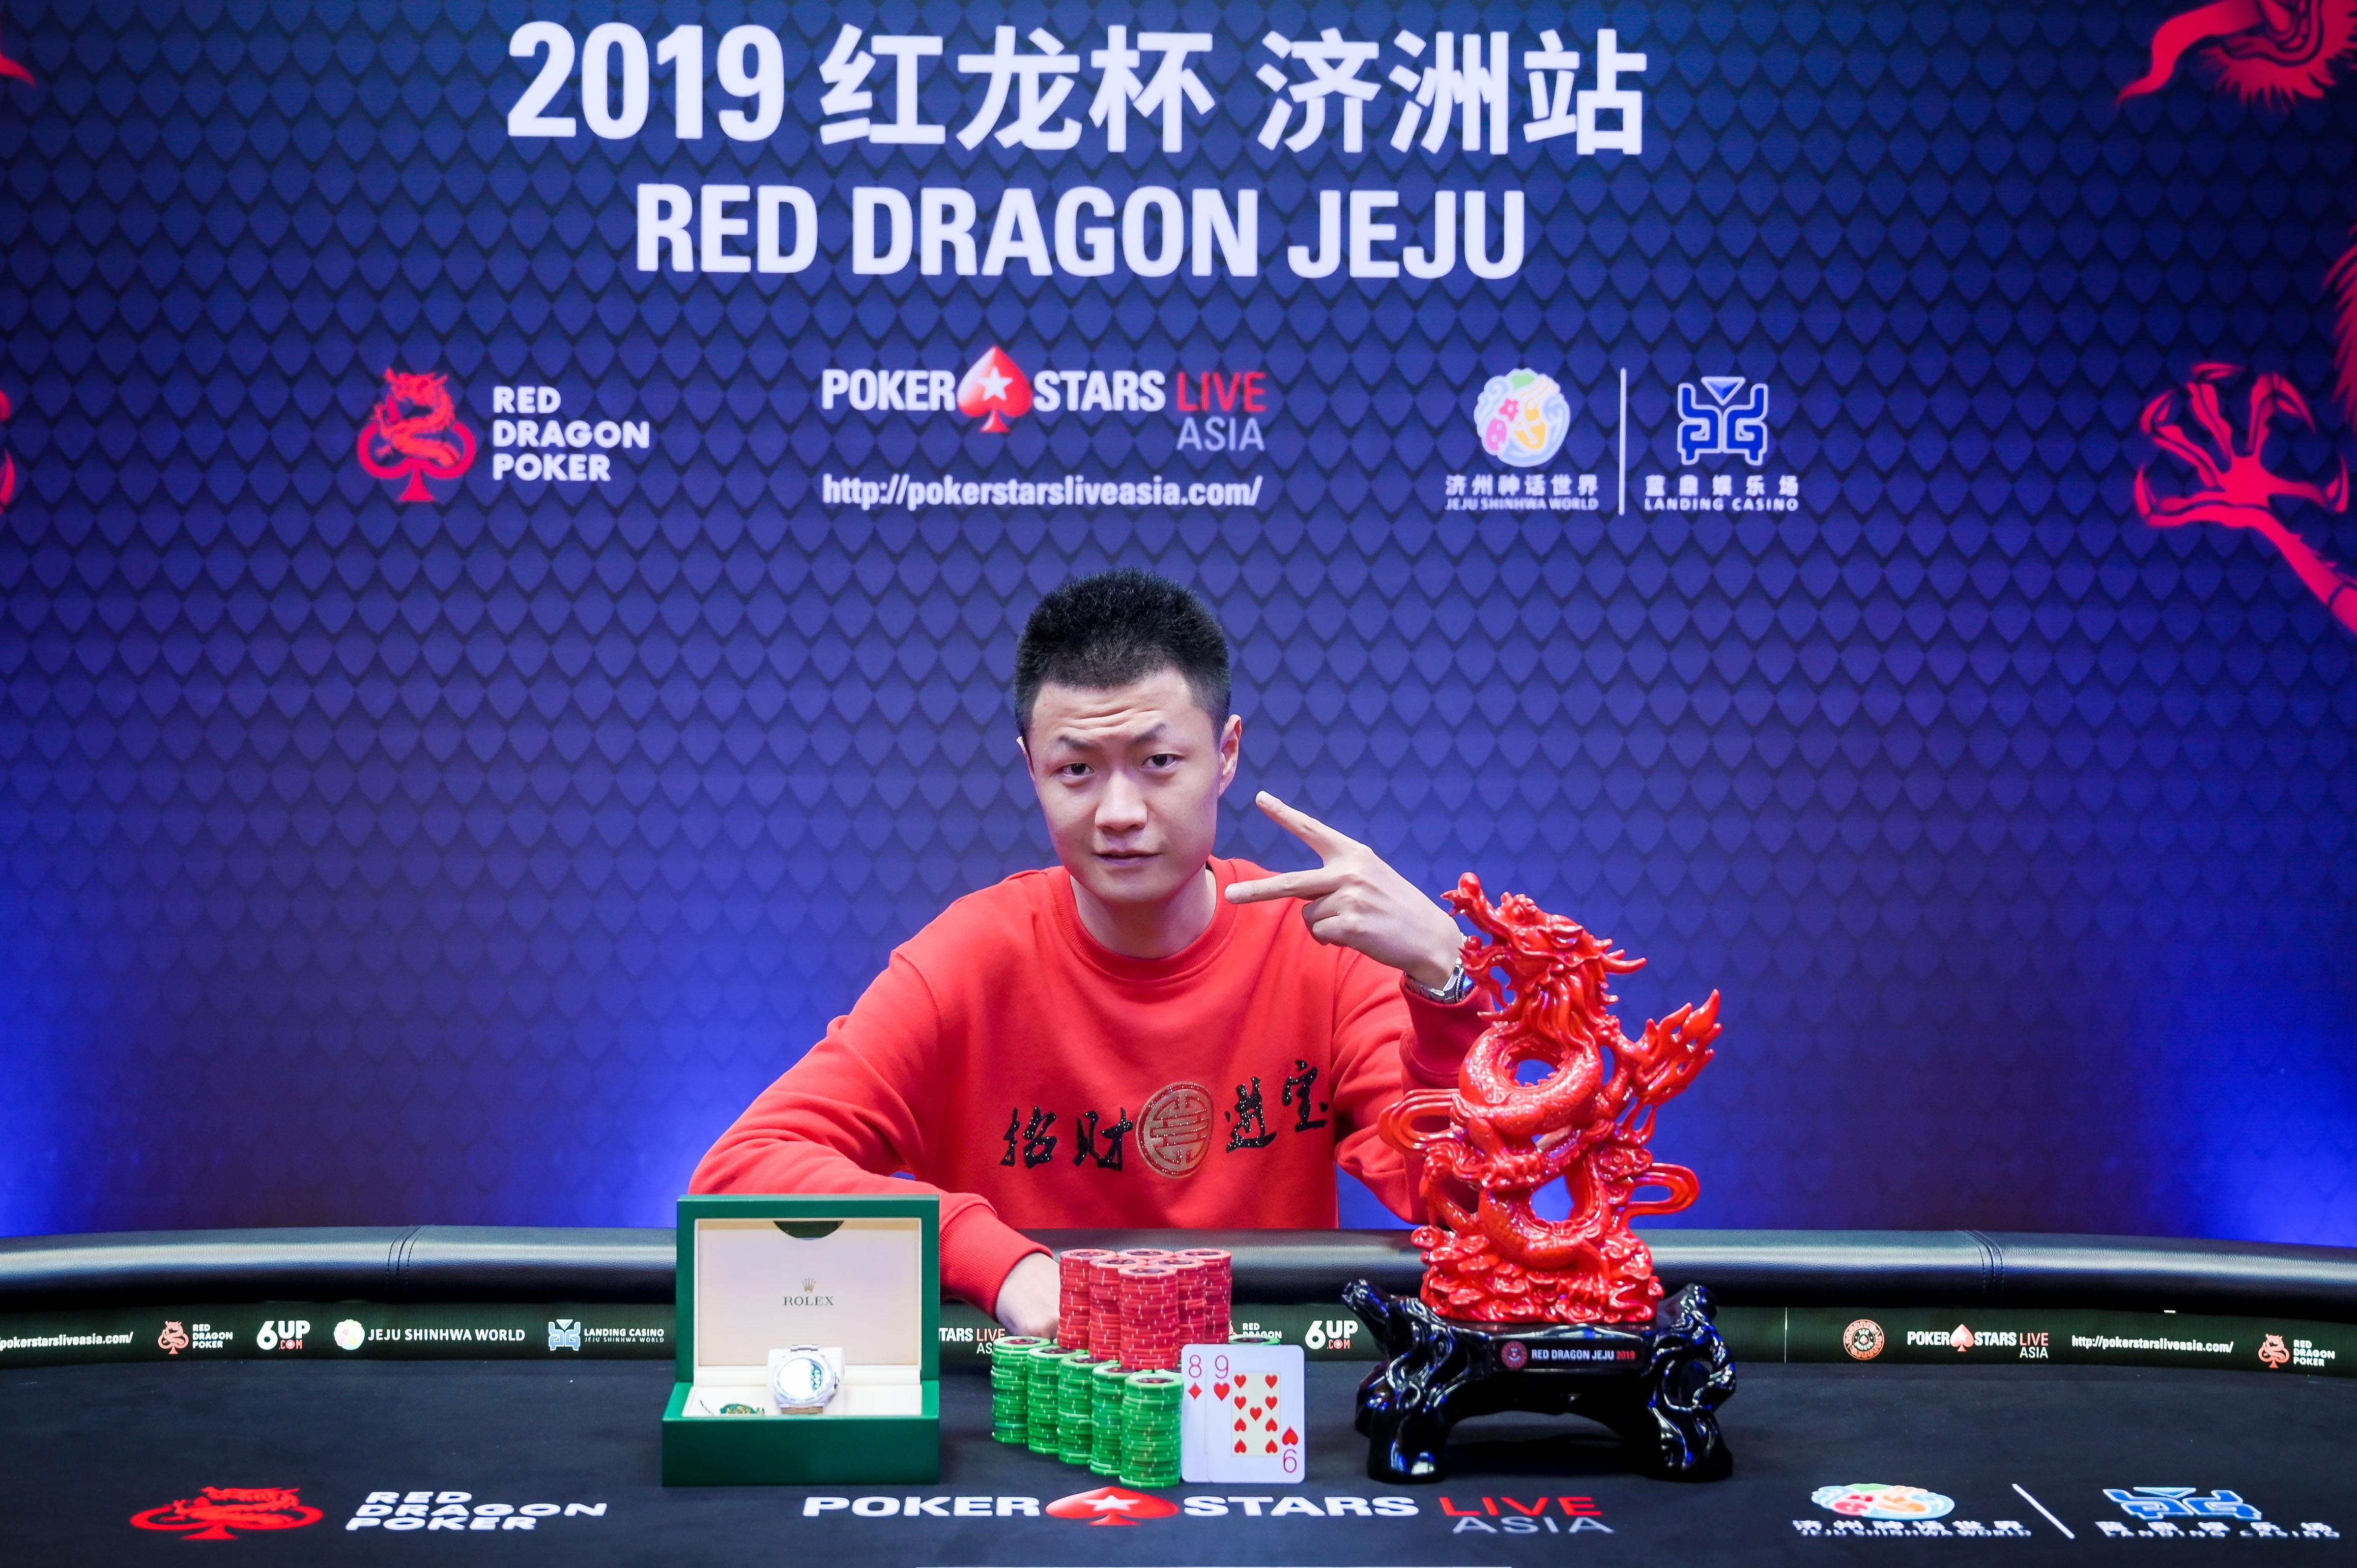 Zhihao Zhang wins Red Dragon Main Event; Bin Sun wins Super High Roller, Liuheng Dai takes High Roller trophy